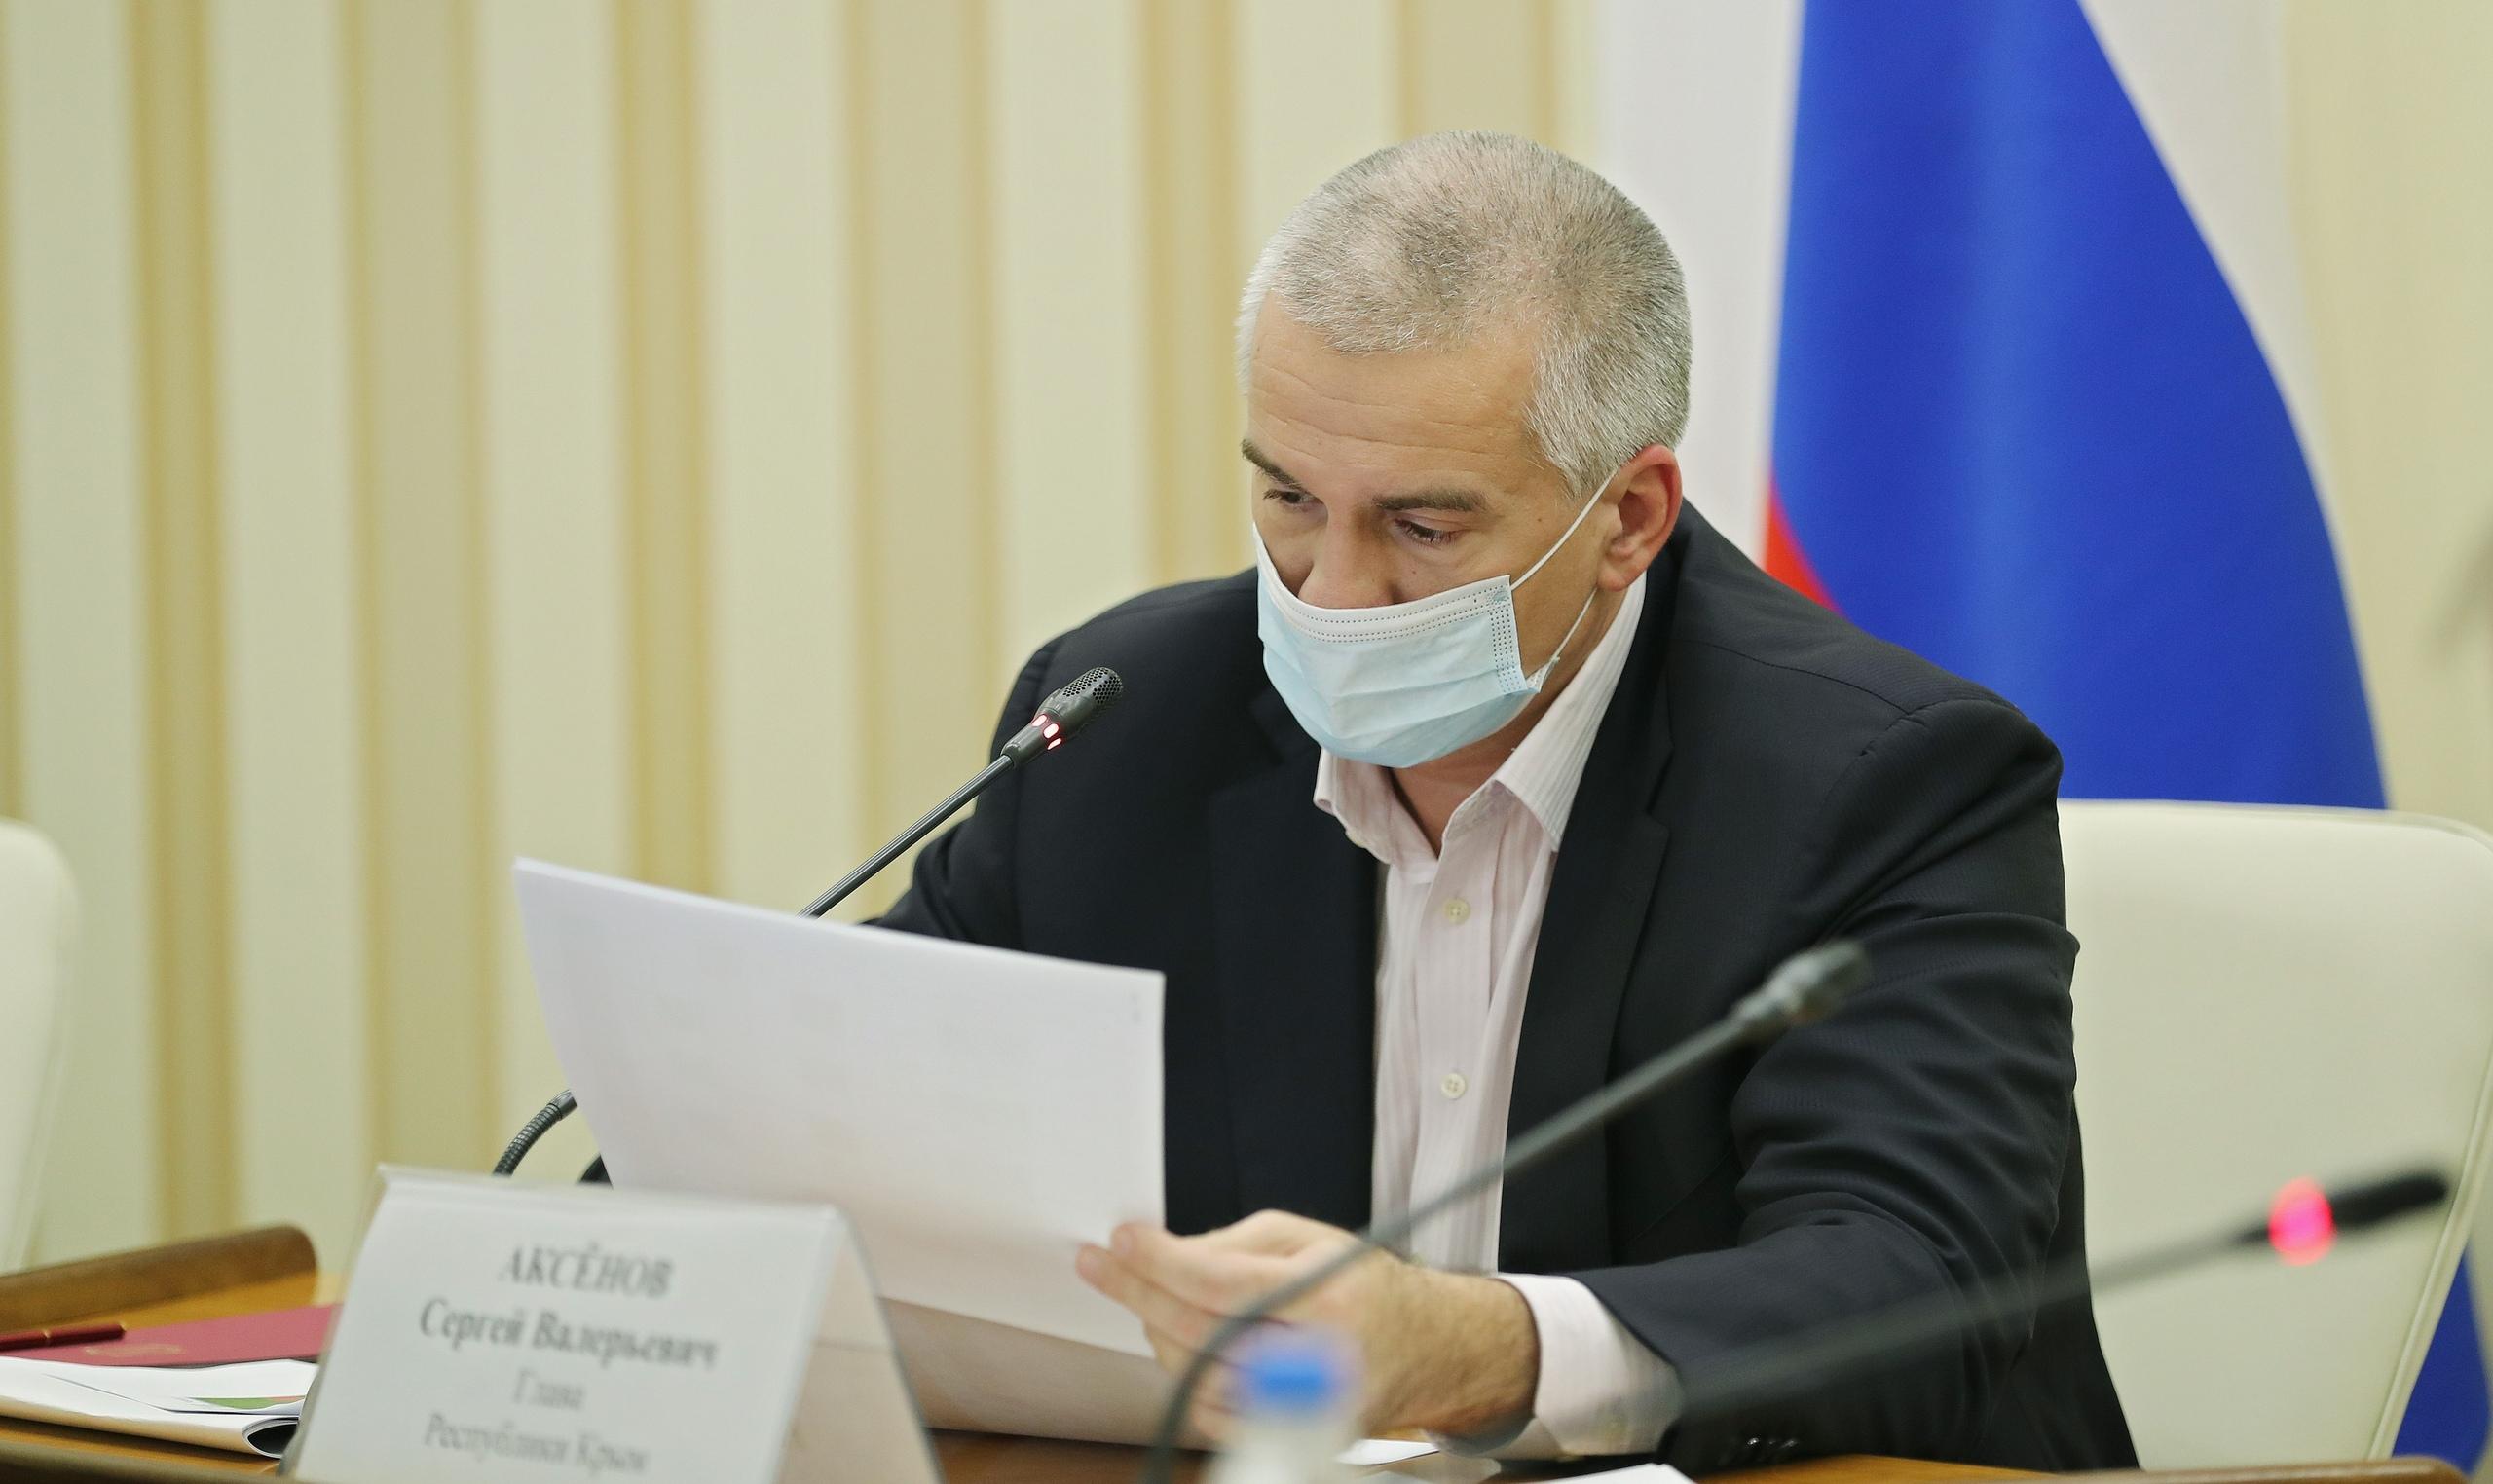 В Крыму снимут часть ограничений по коронавирусу с 1 марта